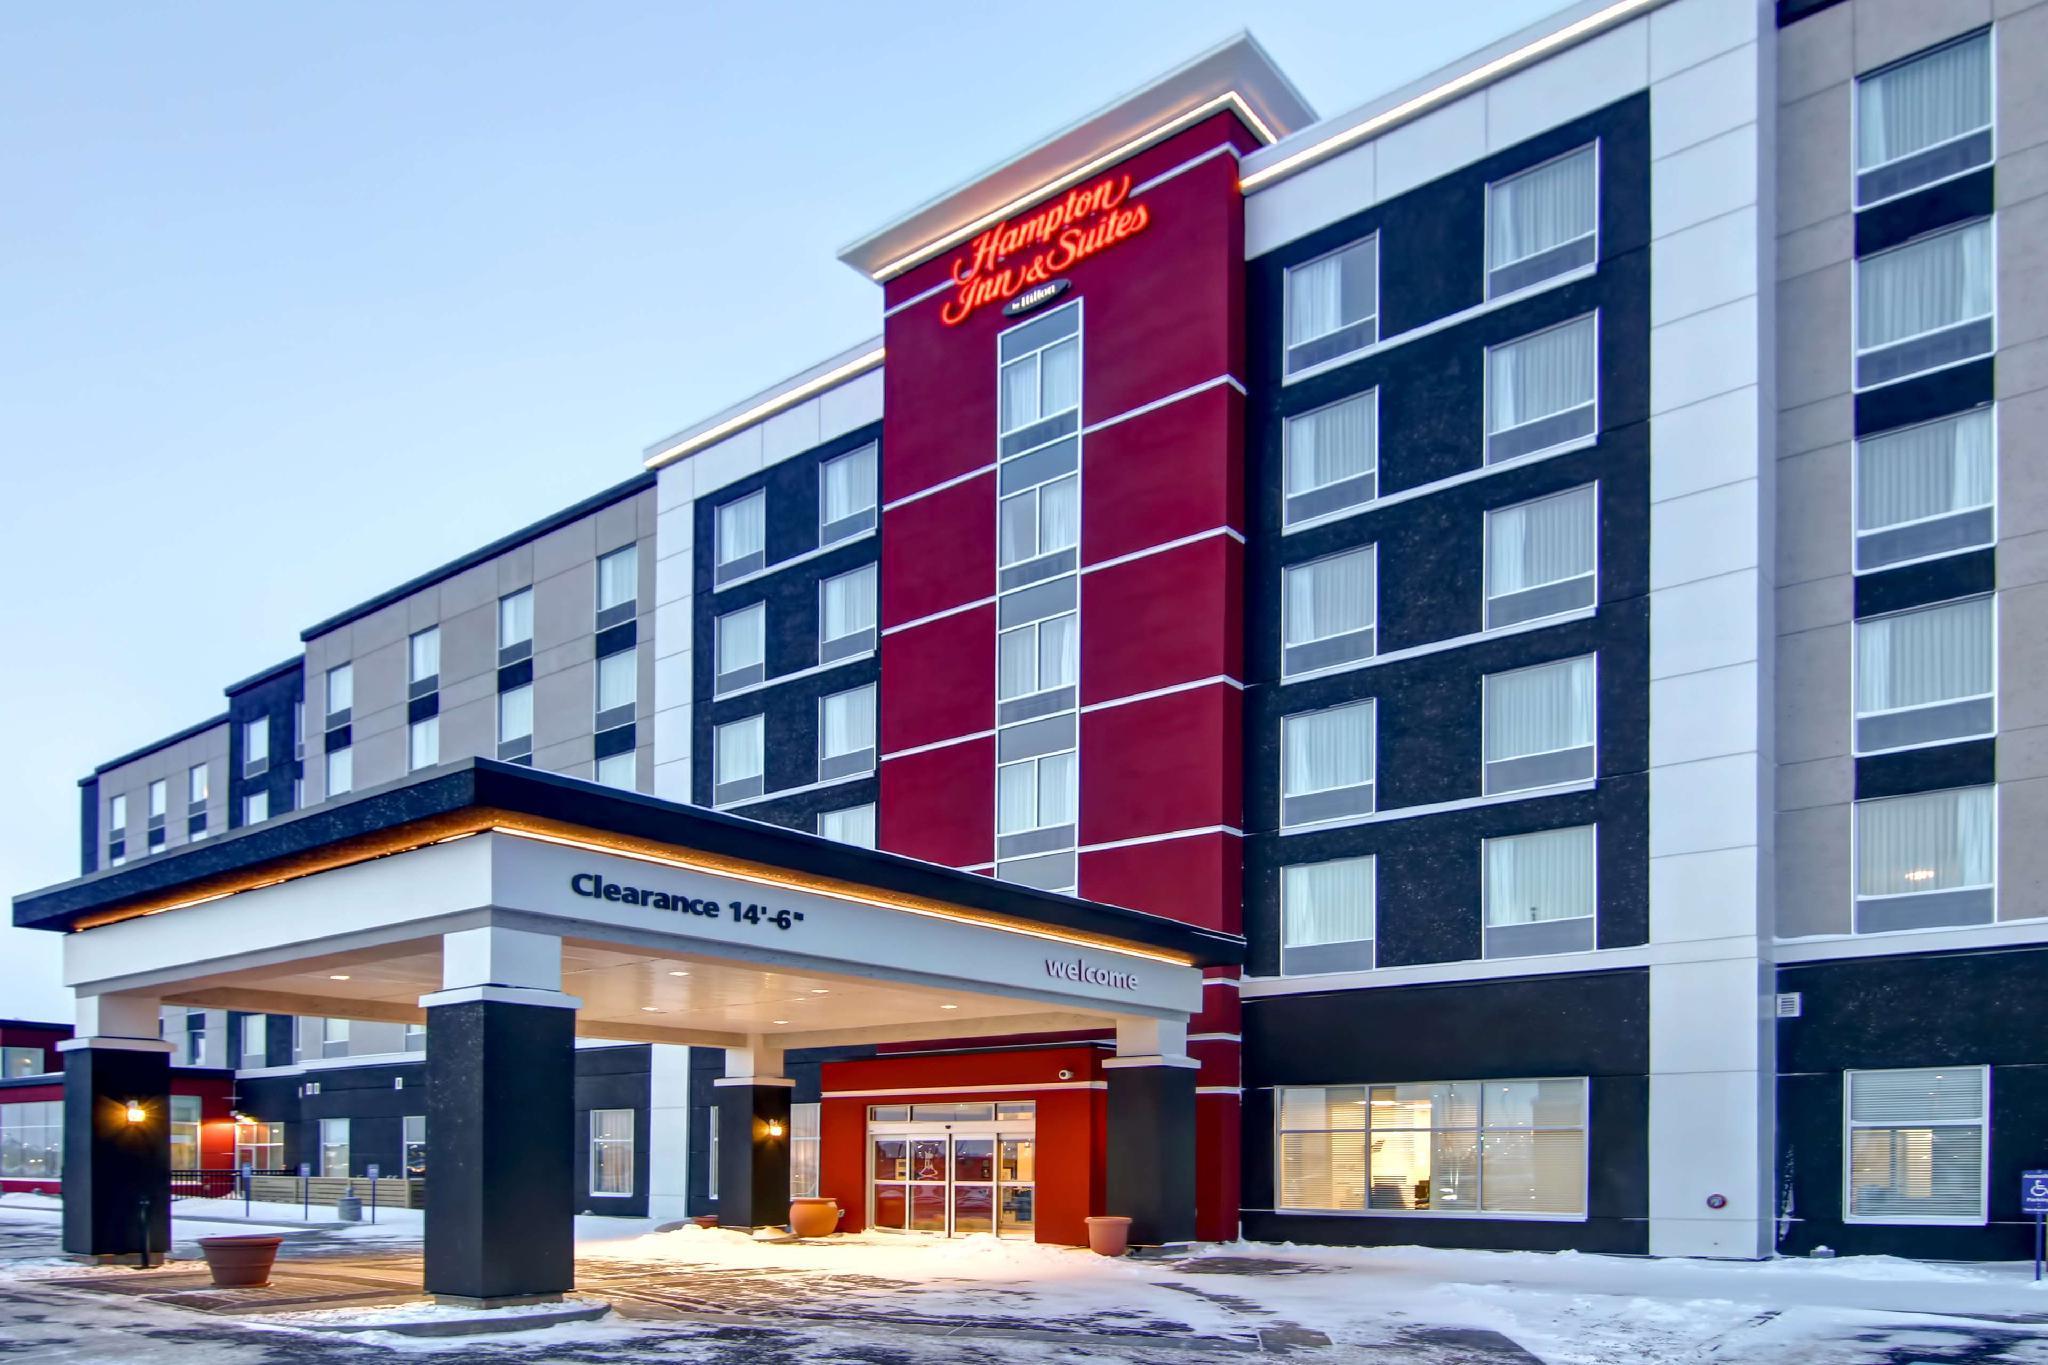 Hampton Inn And Suites Grande Prairie Alberta